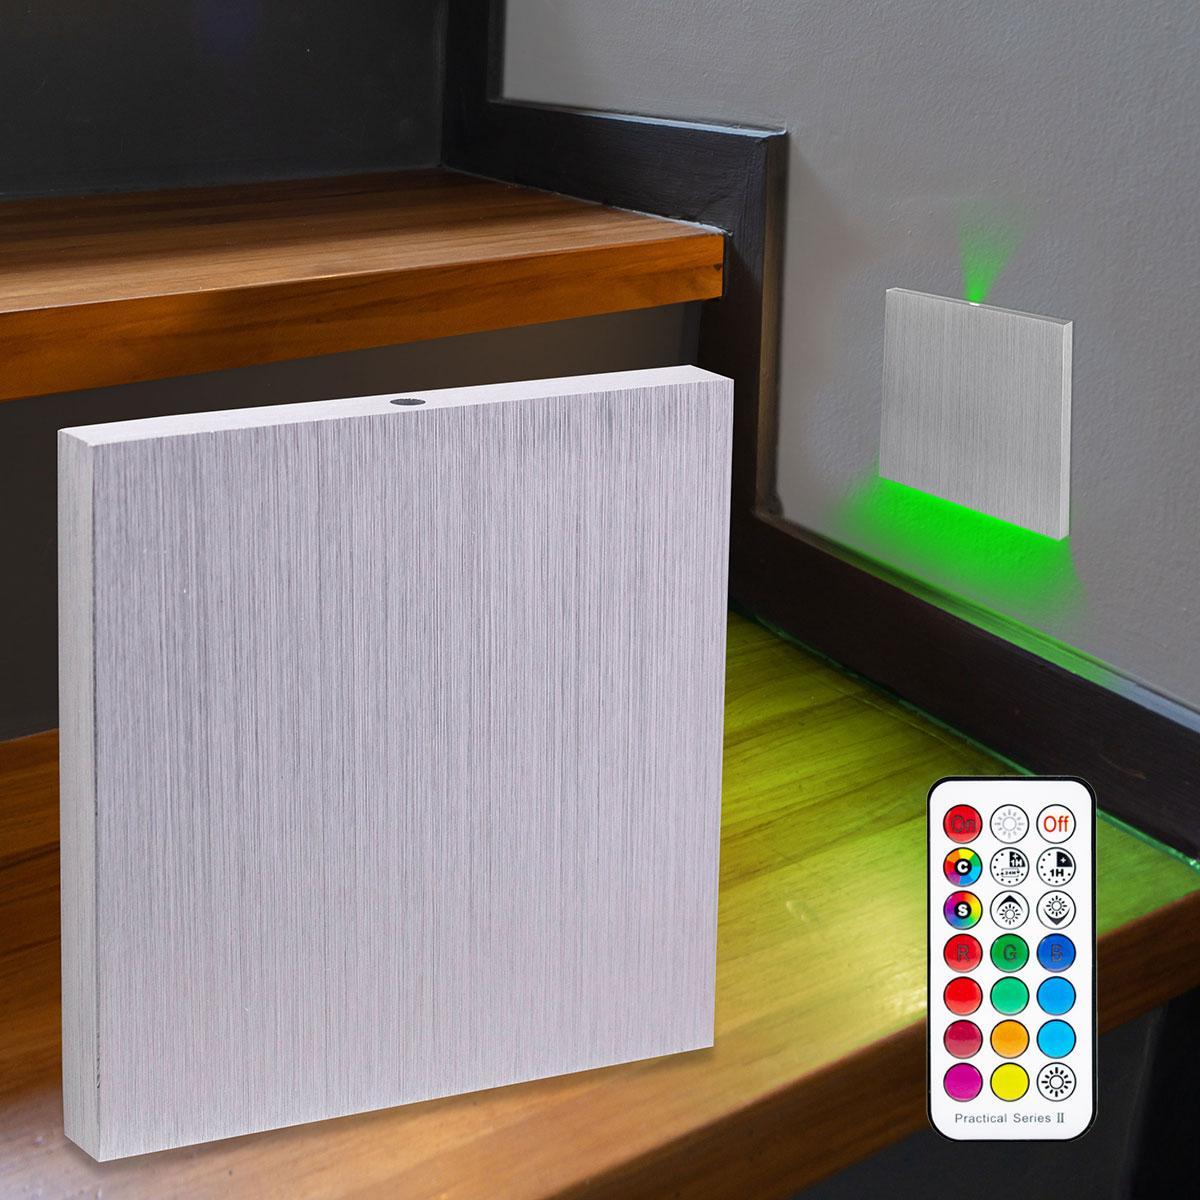 LED Treppenbeleuchtung Wandeinbauleuchte RGB+Warmweiß 230V 3W Alu-gebürstet Lichtaustritt oben&unten